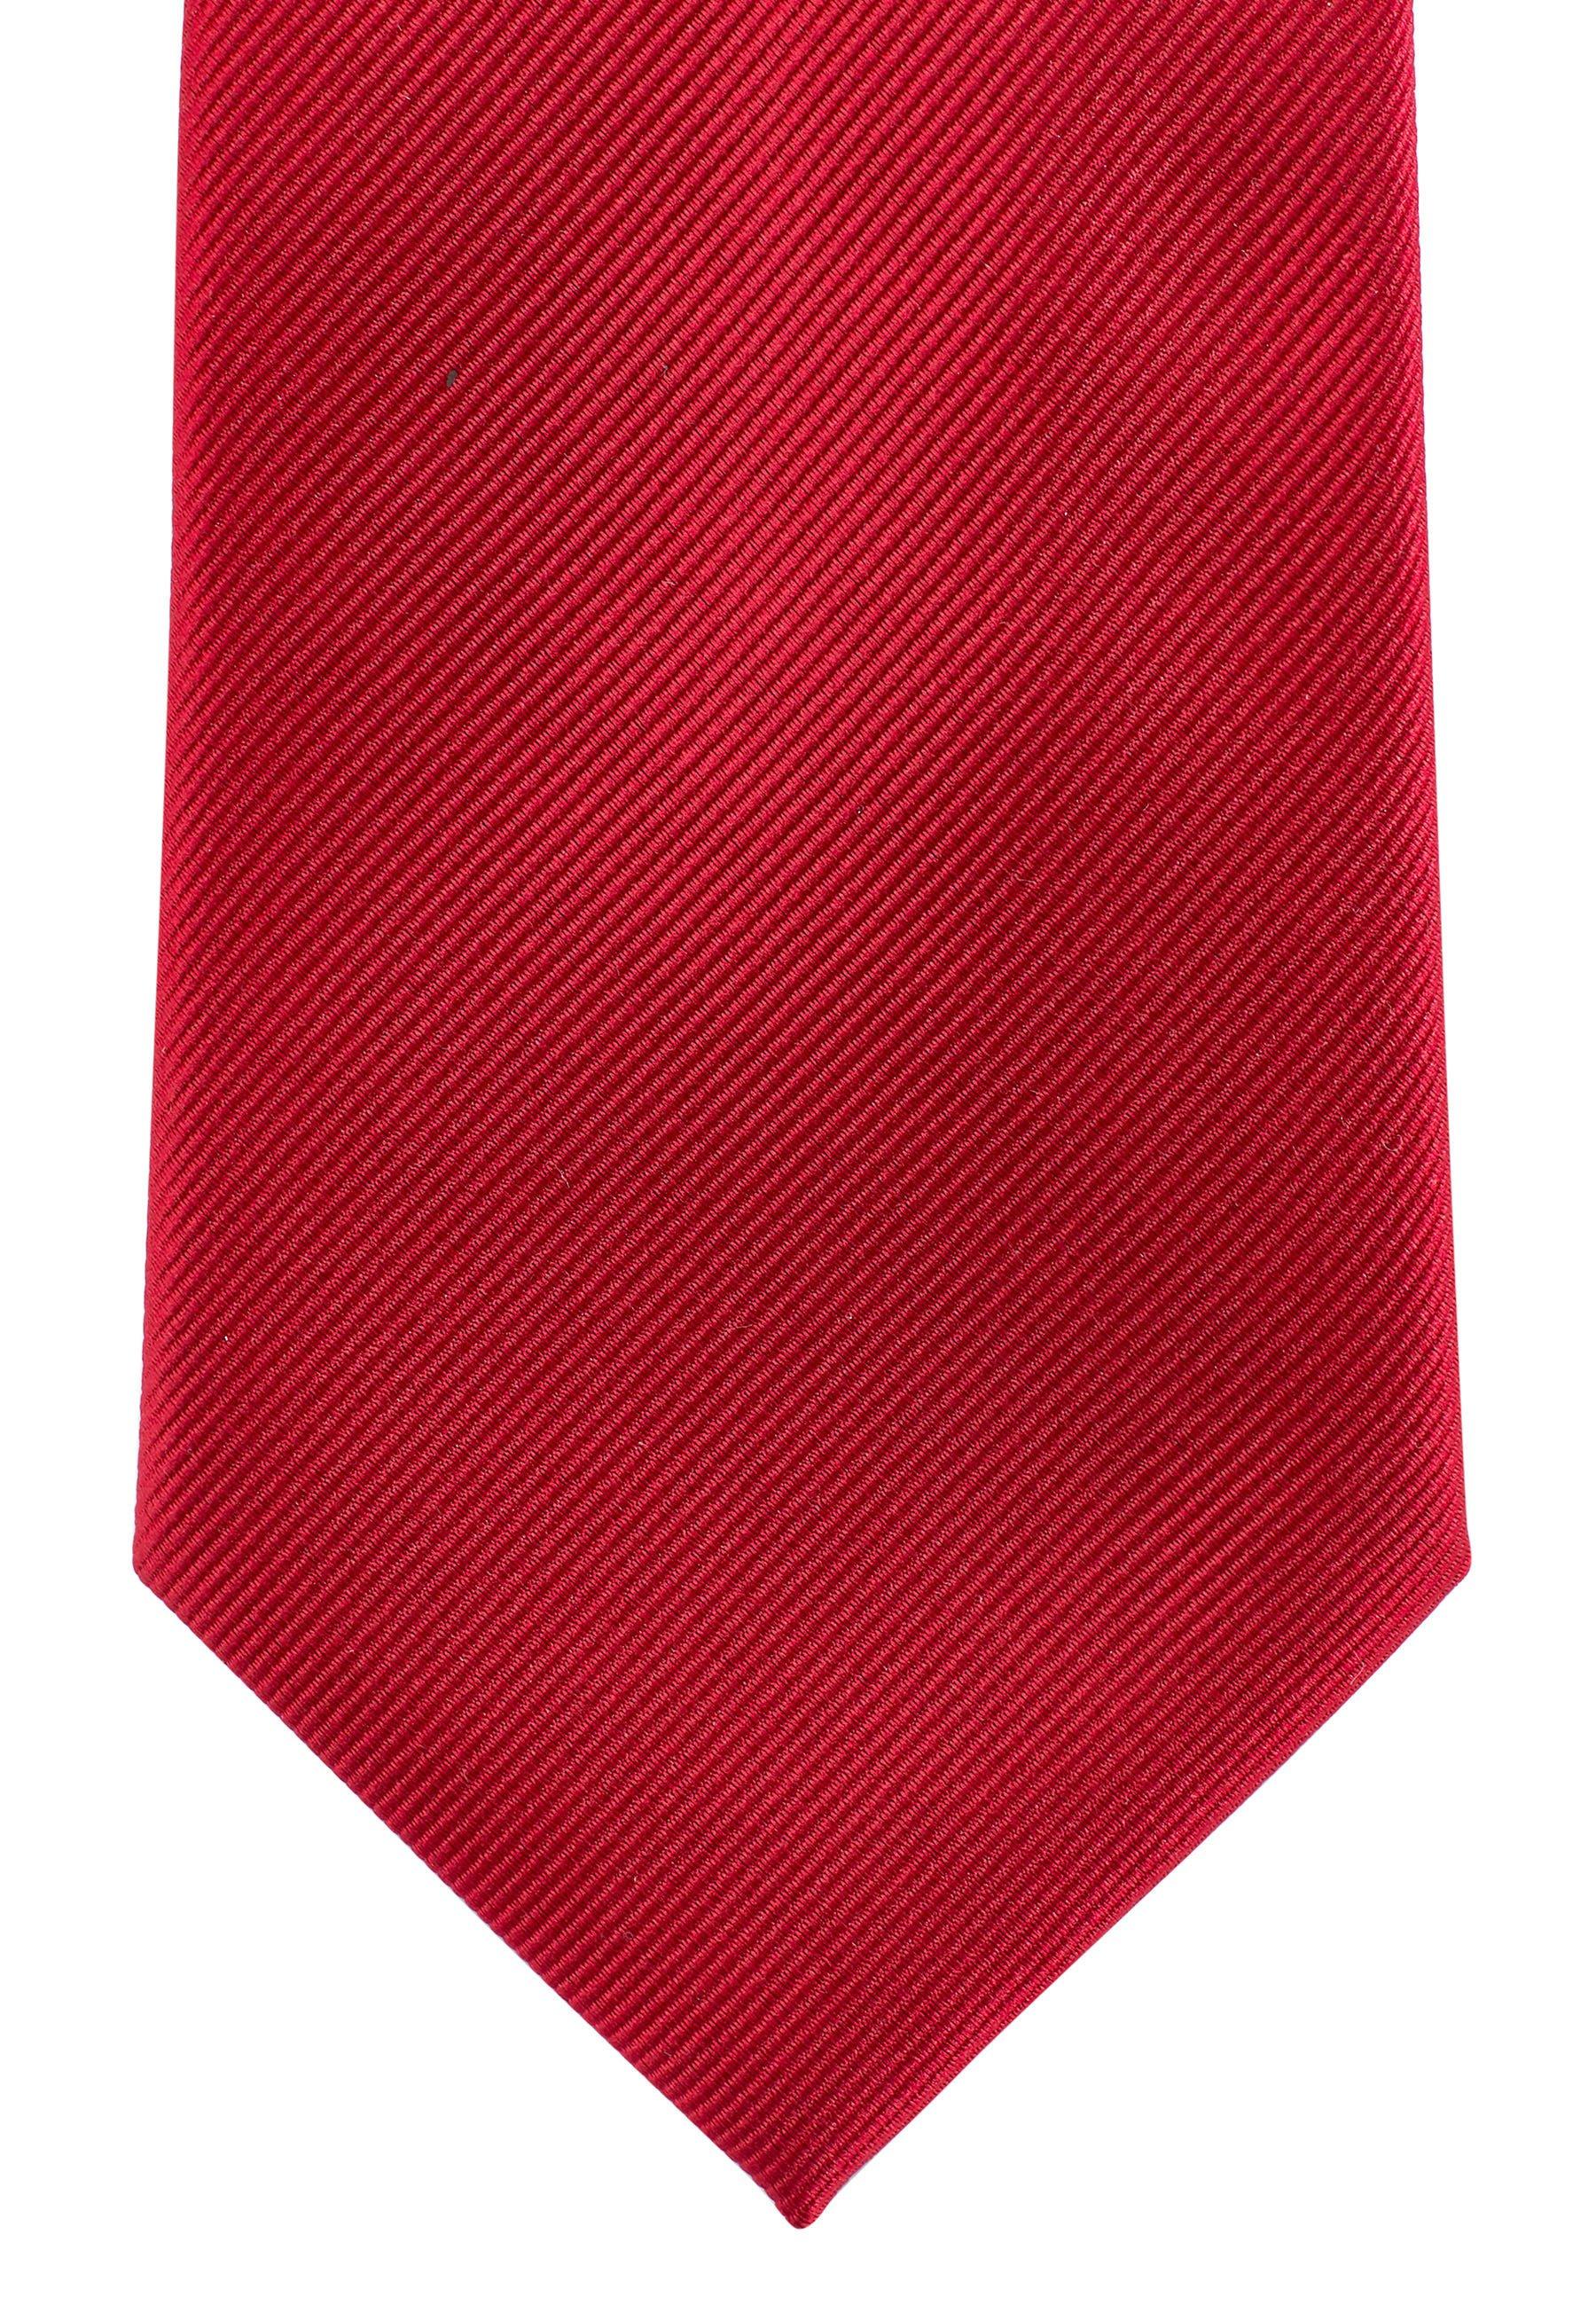 Next BURGUNDY WIDE - Tie - red